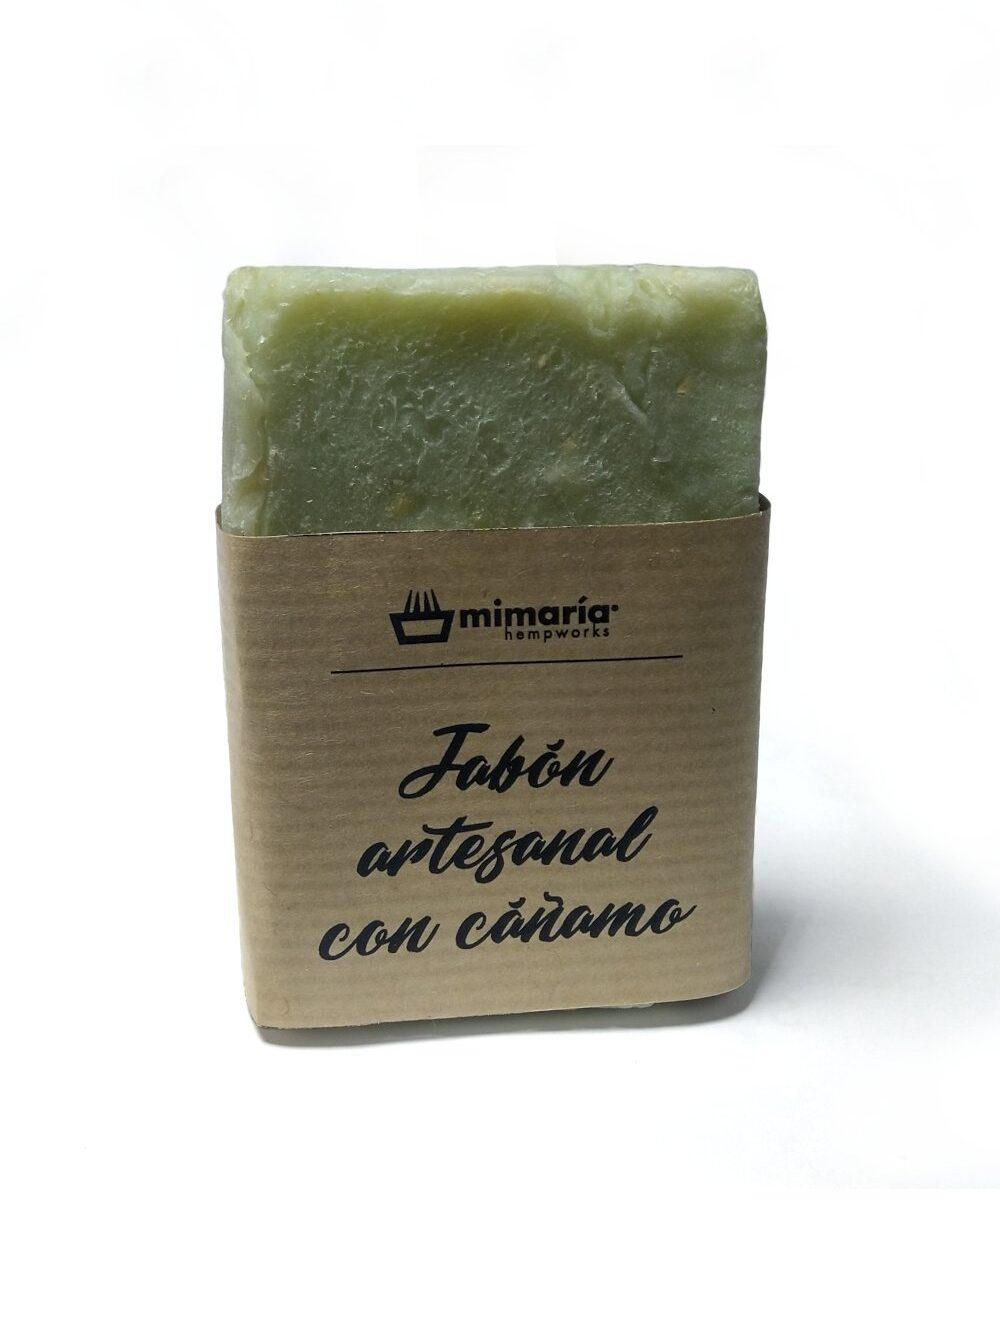 Jabón artesano con cáñamo asturiano, aceite de oliva, aceite de barbasú, manteca de cacao, vitamina E y un toque mentolado.